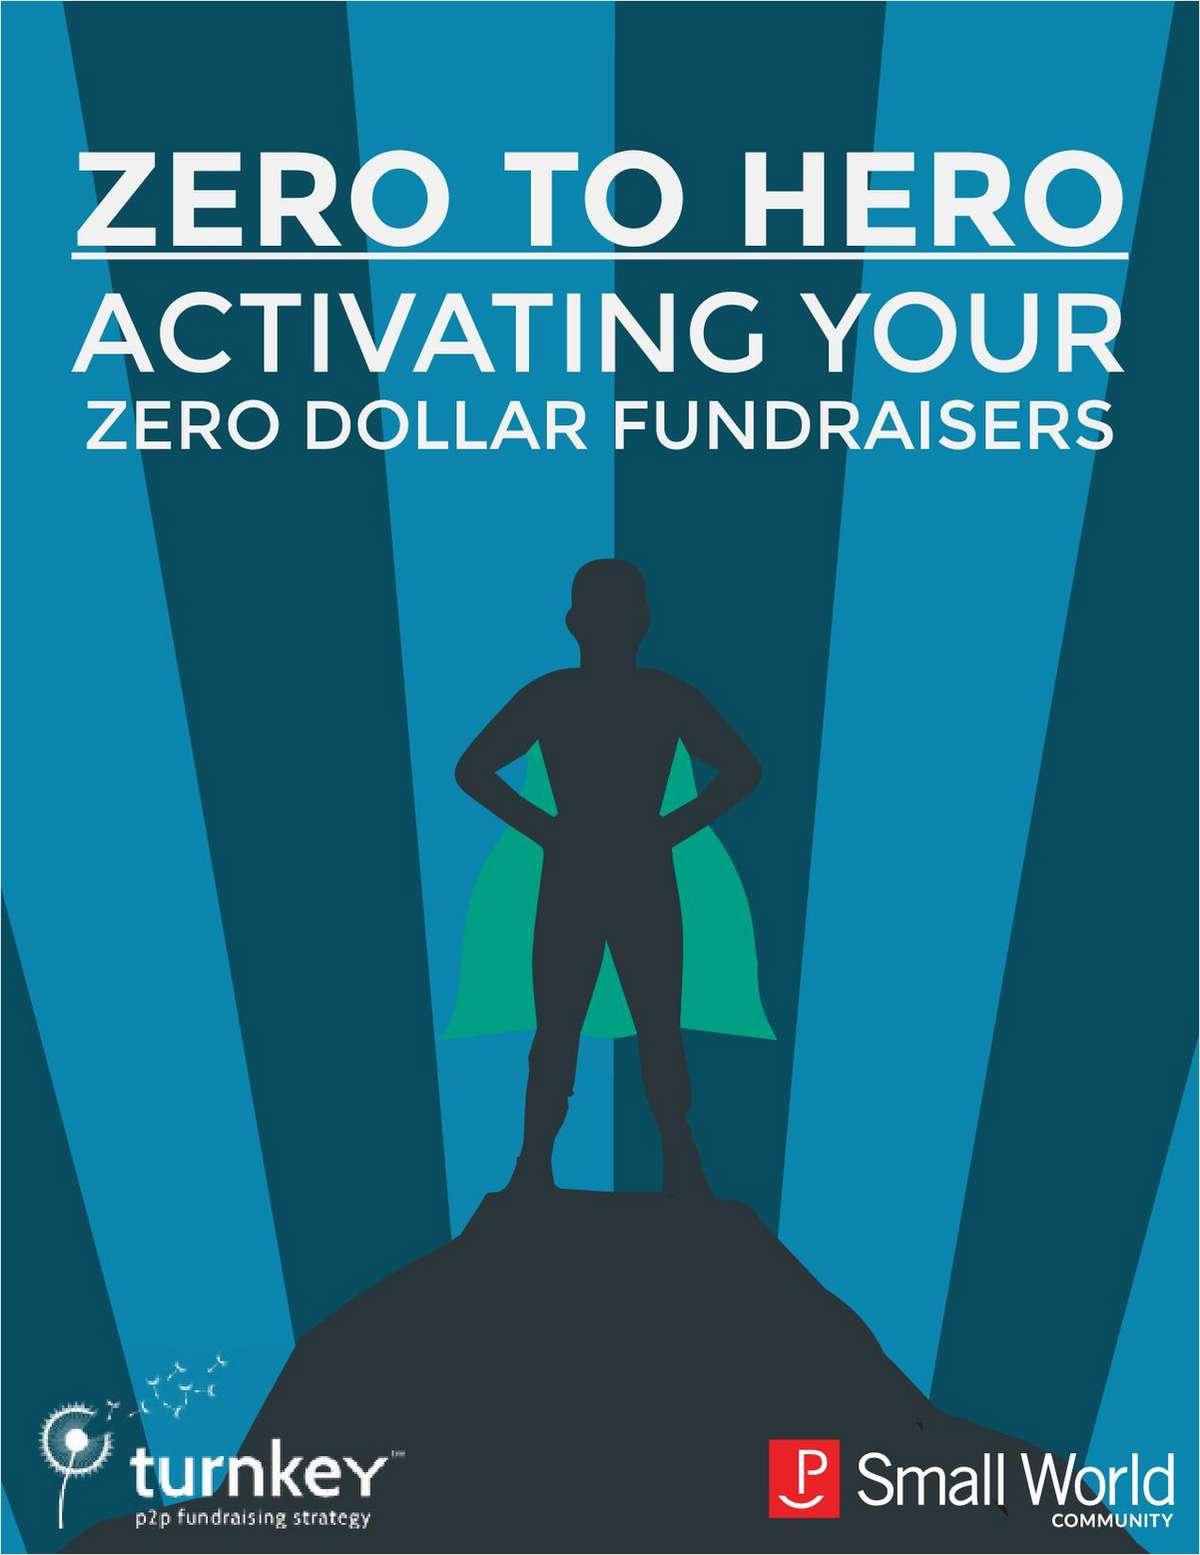 Zero to Hero: Activate Your Zero Dollar Fundraisers